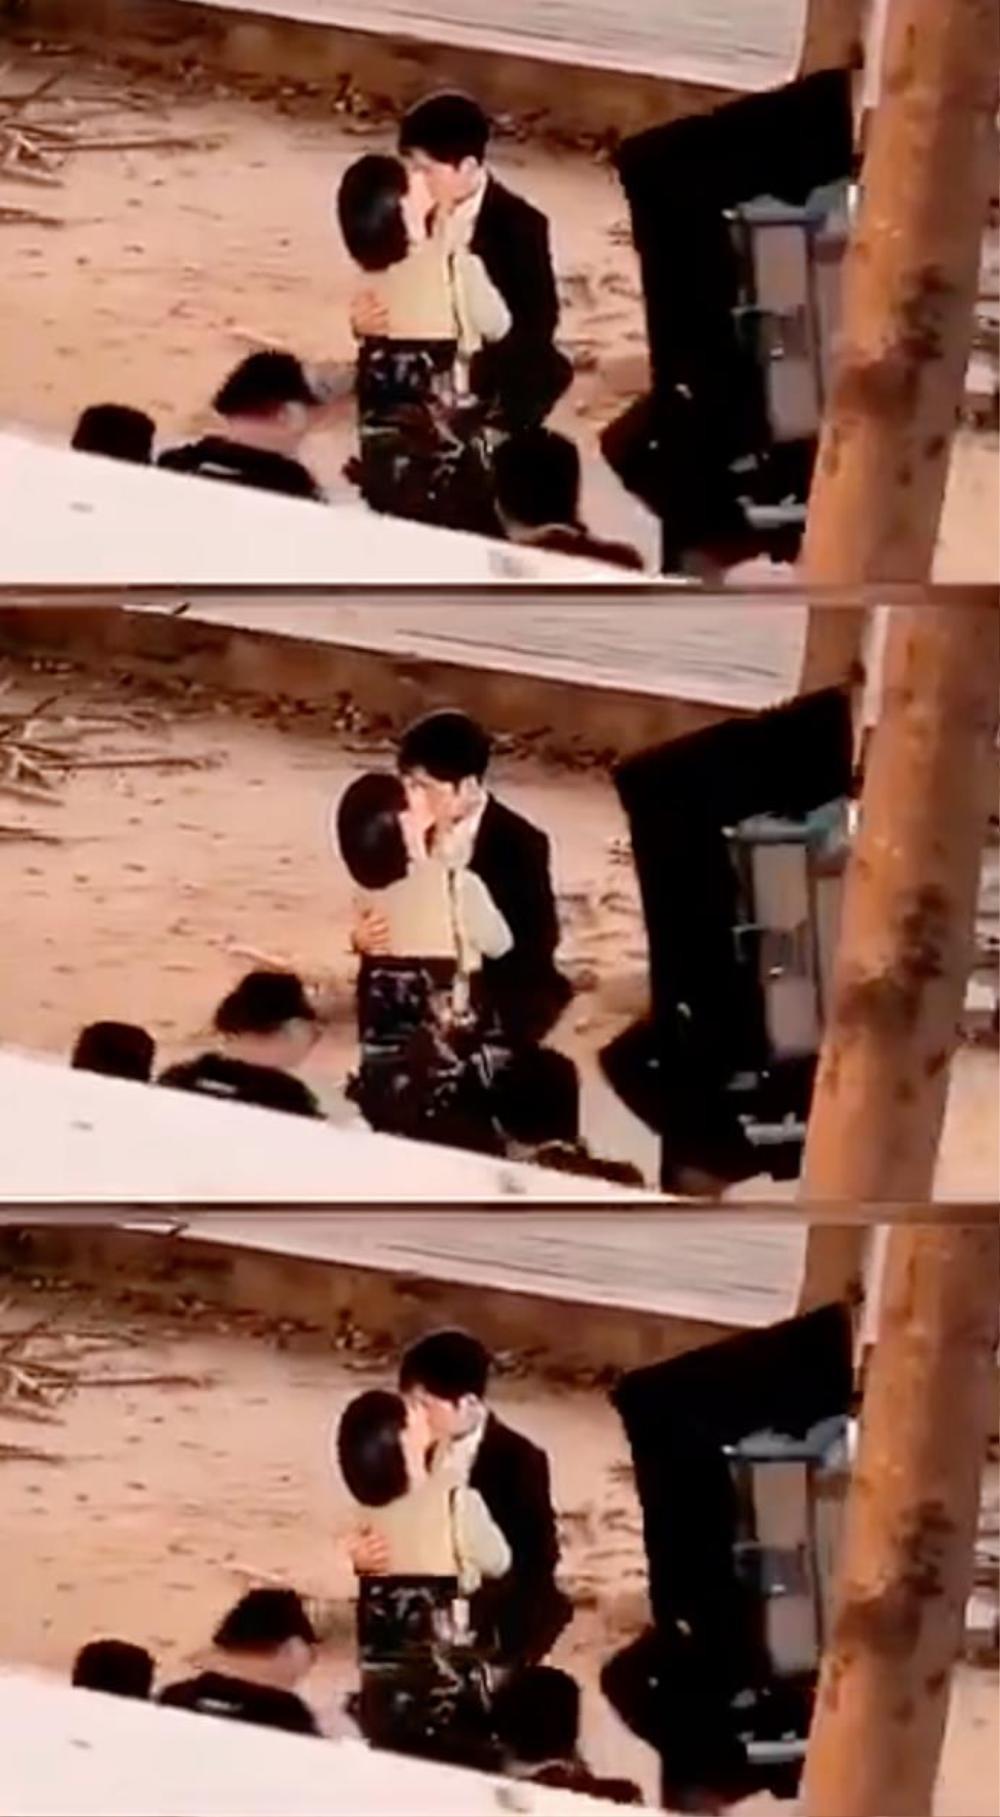 Hết chạm môi Tiêu Chiến, Dương Tử lộ ảnh hôn thắm thiết Tỉnh Bách Nhiên trong phim mới Ảnh 3